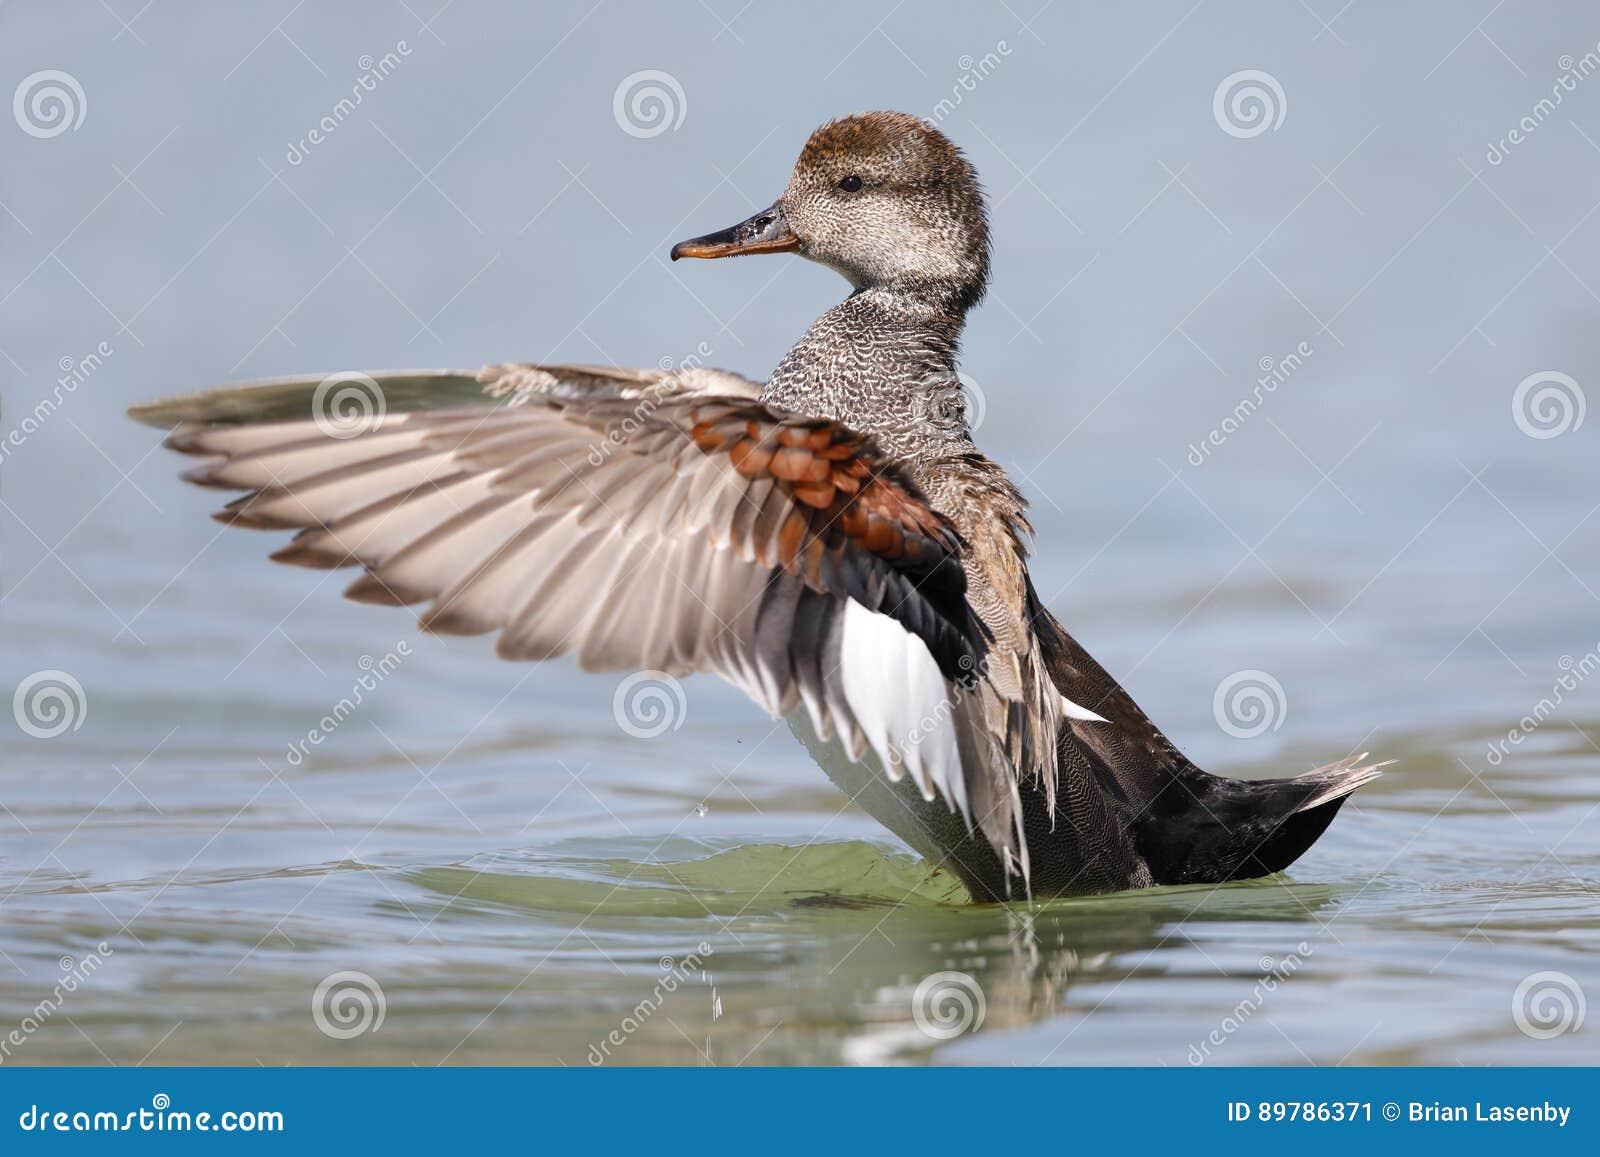 Αρσενική φλυαρόπαπια που χτυπά τα φτερά του σε μια λίμνη - Καλιφόρνια